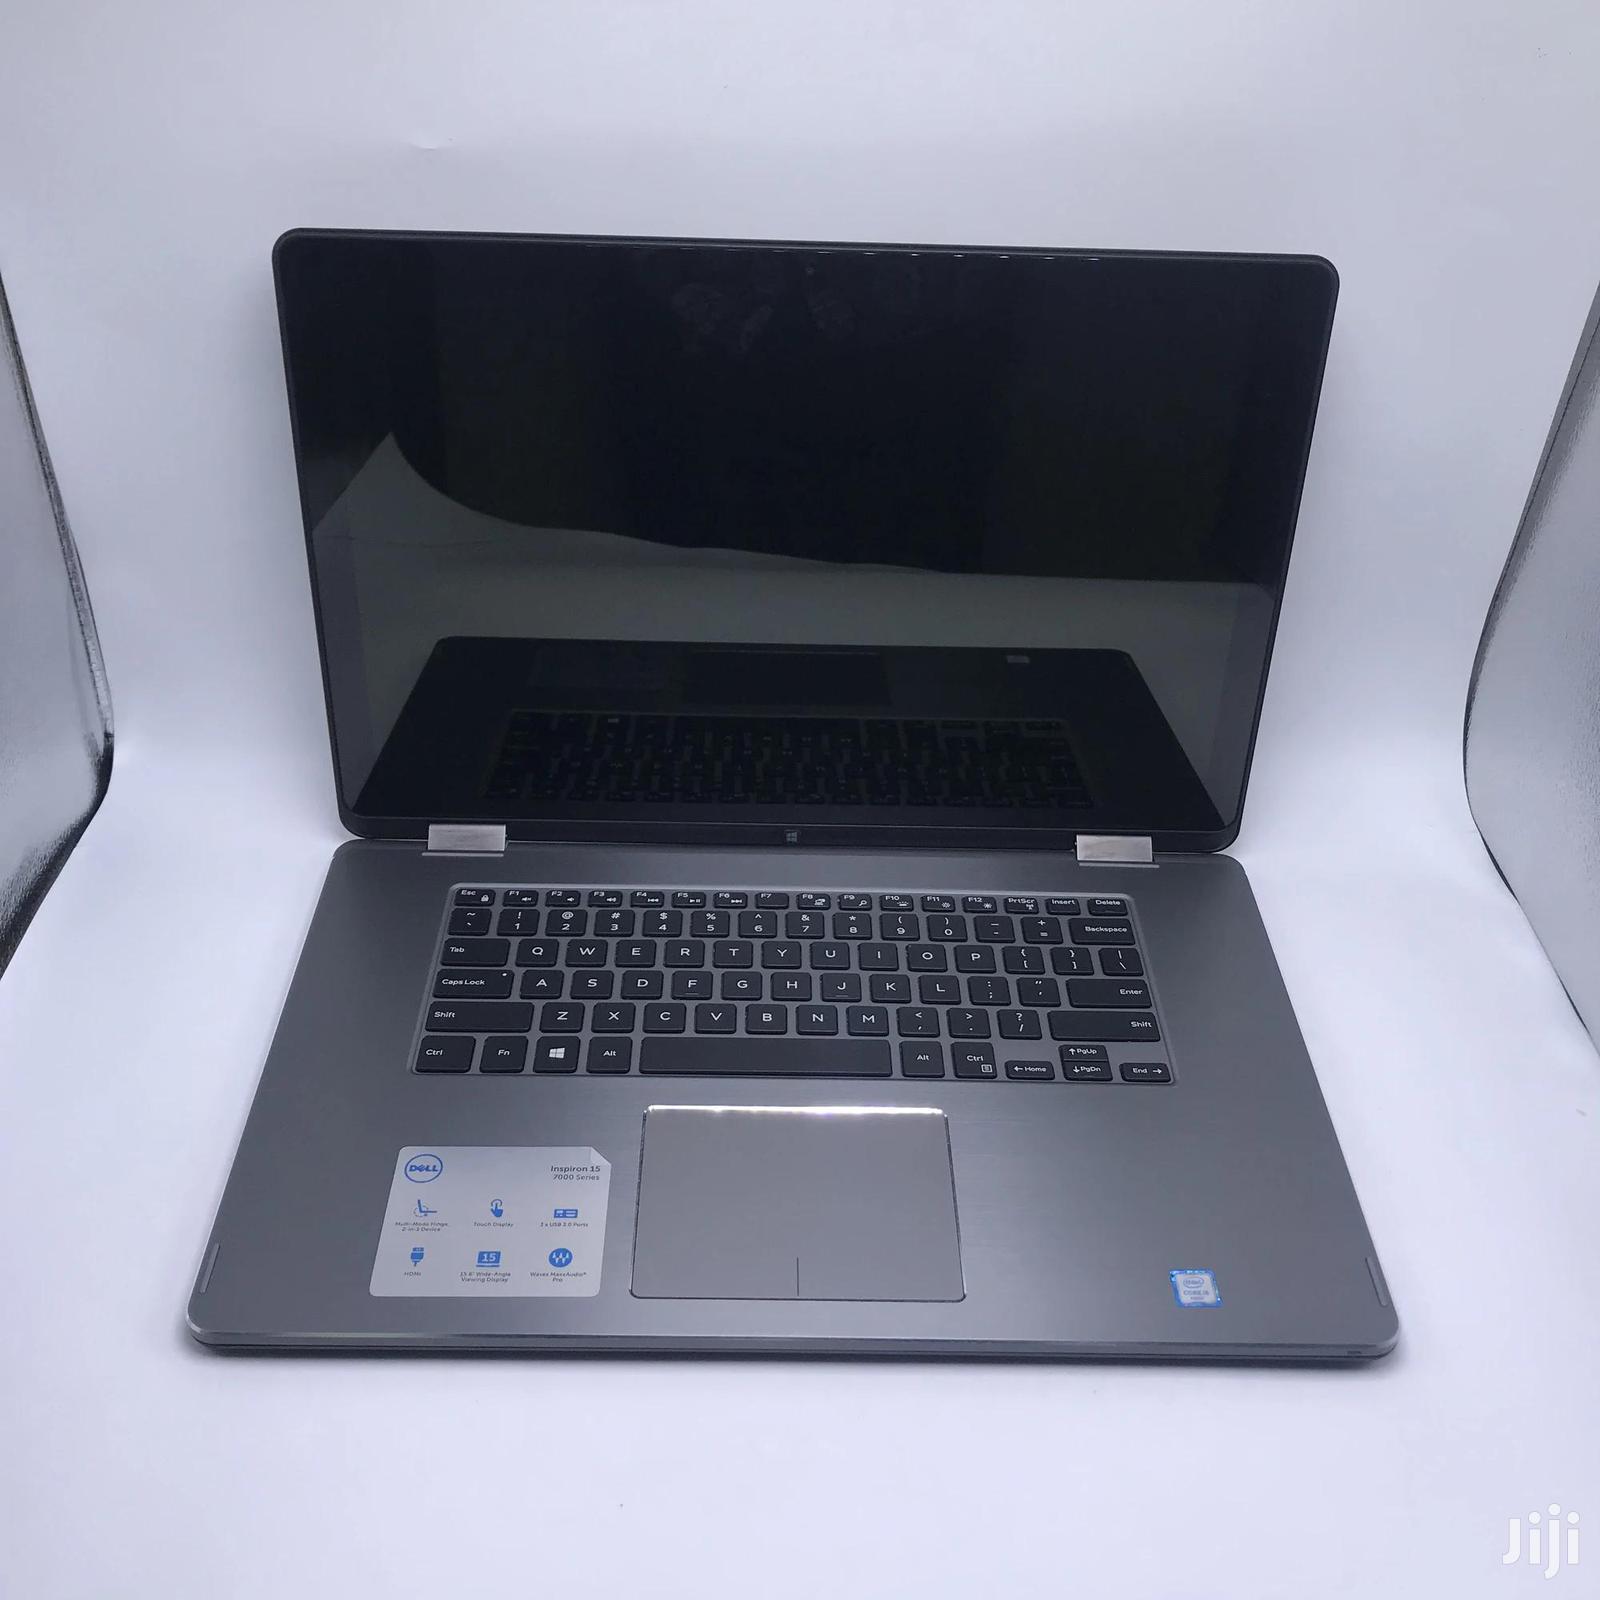 Laptop Dell Inspiron 15 7000 8GB Intel Core I5 SSD 256GB